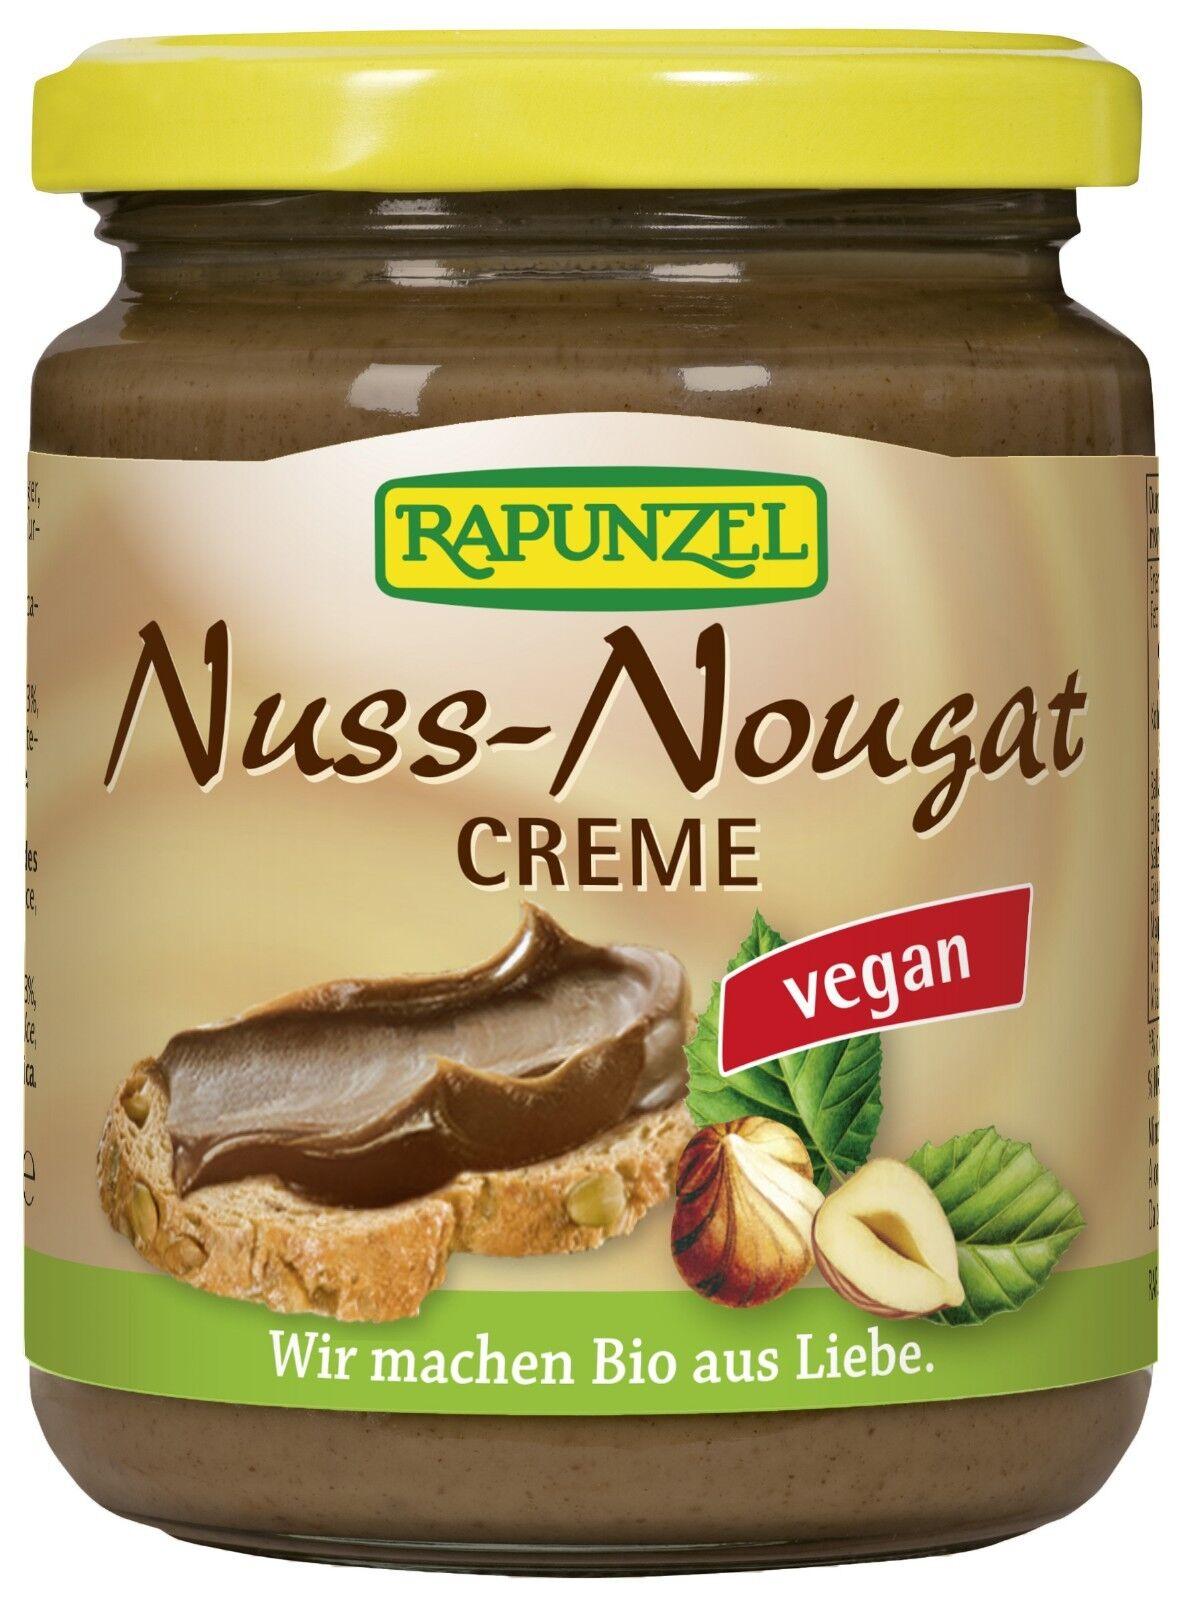 RAPUNZEL Nuss-Nougat-Creme vegan, 250g BIO aus Liebe